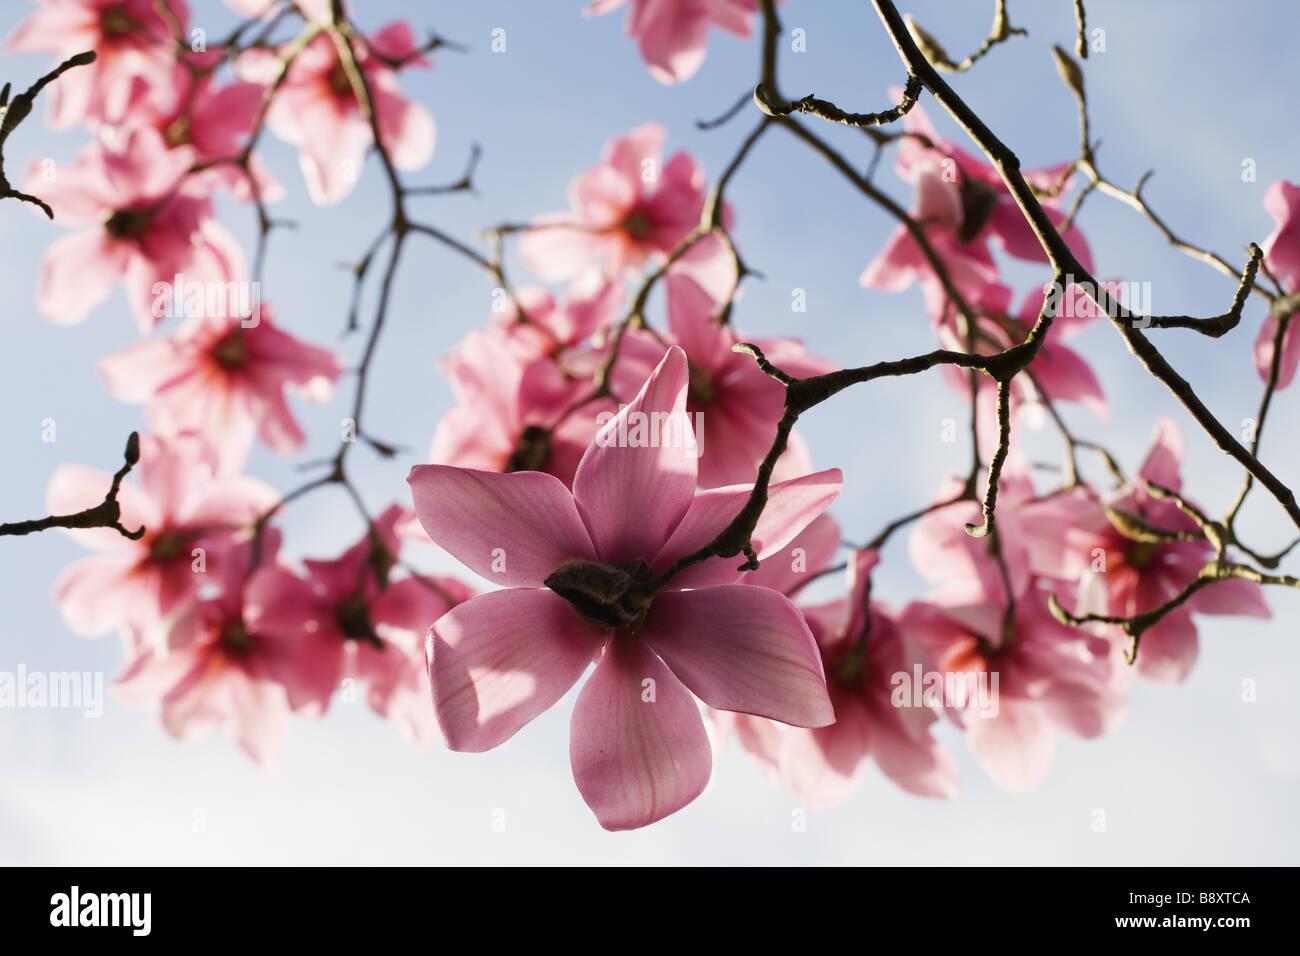 Magnolia campbellii Kew s sorpresa in fiore in primavera nel giardino a Lanydrock Cornovaglia Immagini Stock